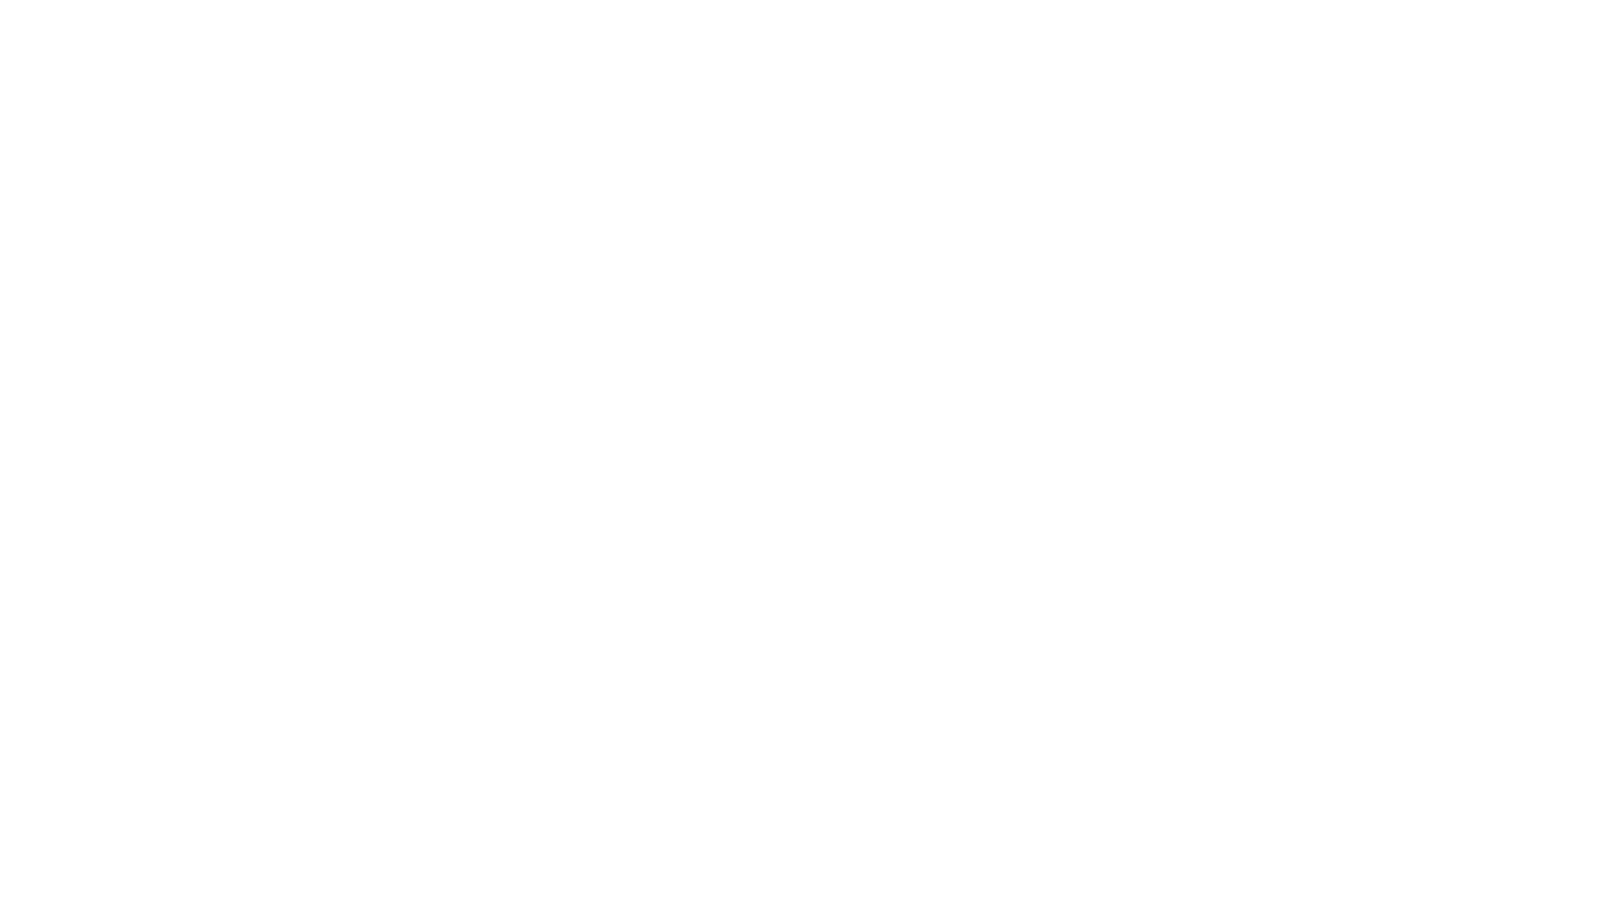 Starke Abwehrkräfte mit Qigong! Mit dieser Übung vertiefst du deinen Atem und stärkst laut TCM den Lungenfunktionskreis, der in der TCM mit den Abwehrkräften assoziiert ist. Viel Freude damit!  Liebe Grüße  Angela